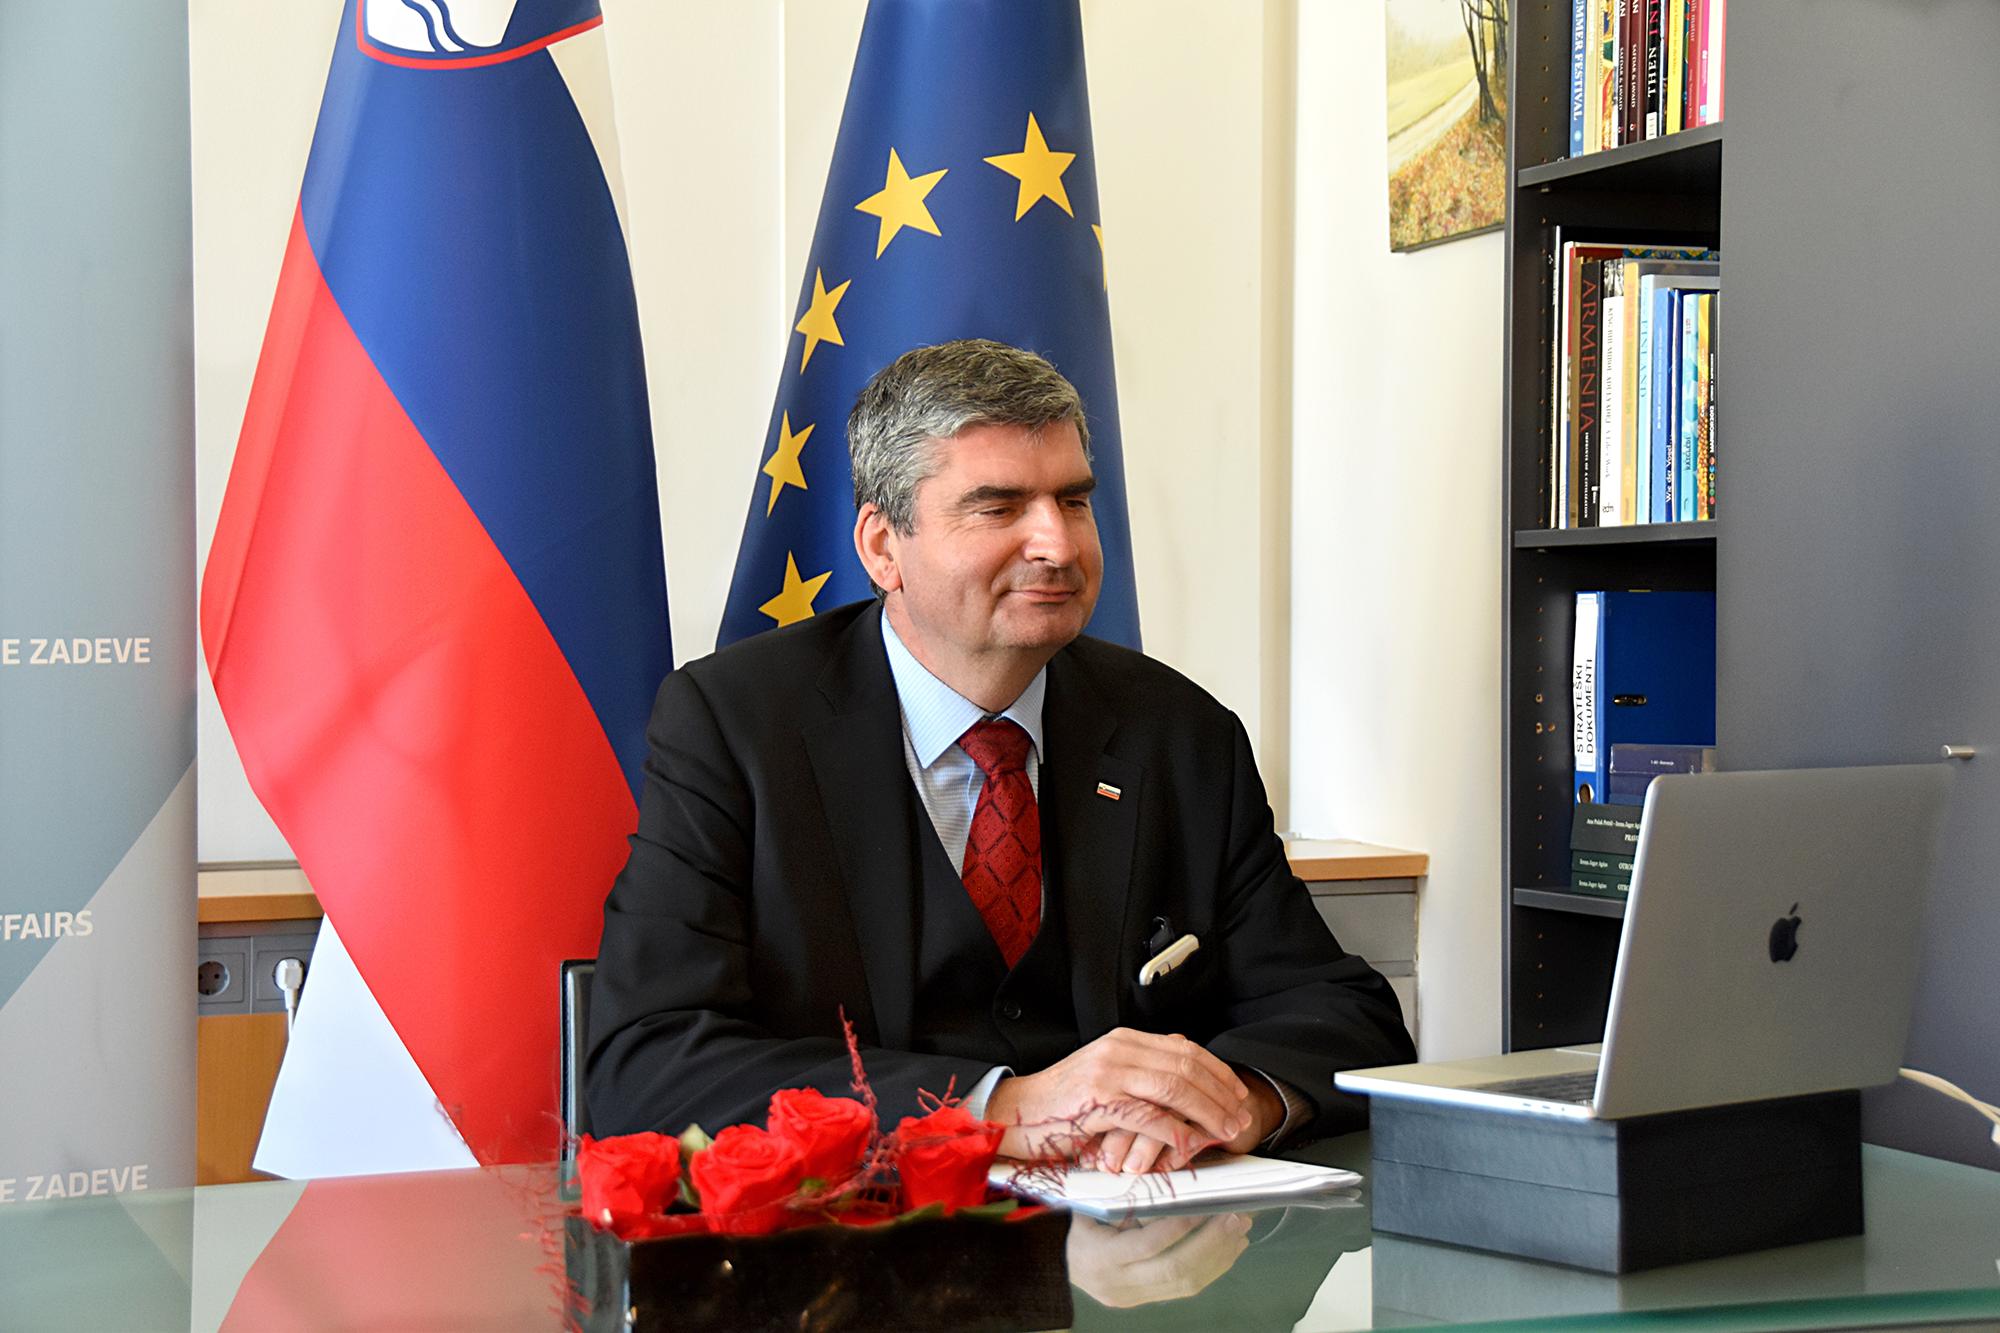 Državni sekretar dr. Raščan na virtualnem zasedanju Skupine za globalno strategijo OECD